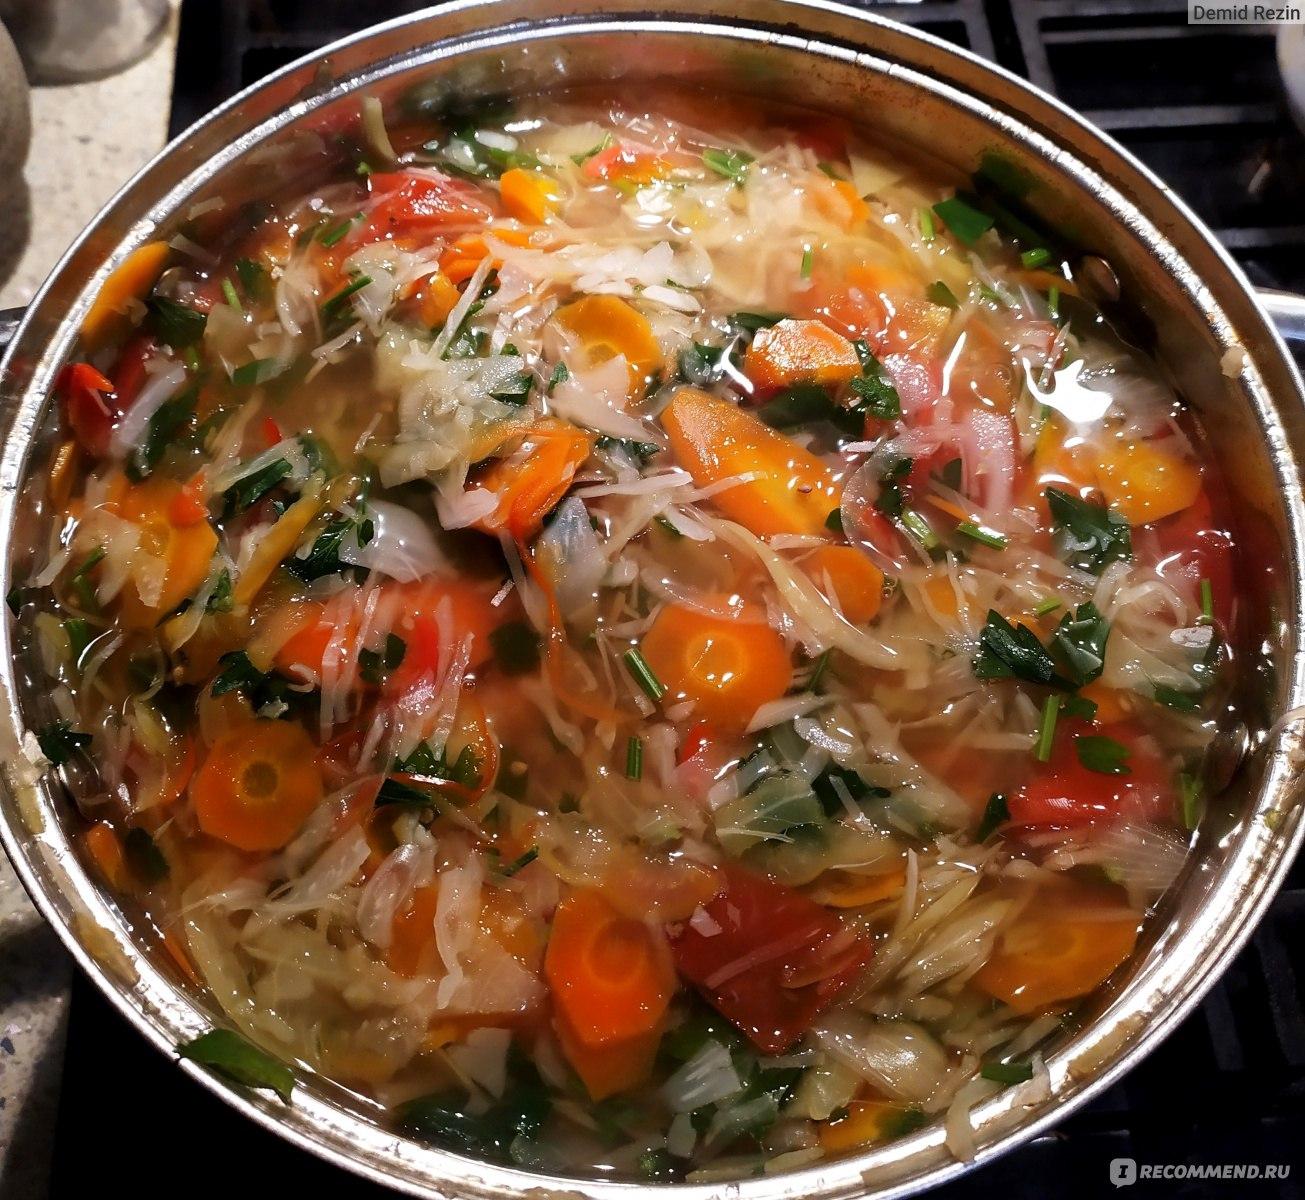 Отзывы О Диете Боннский Суп. Боннский суп - похудение до 10 кг за 7 дней